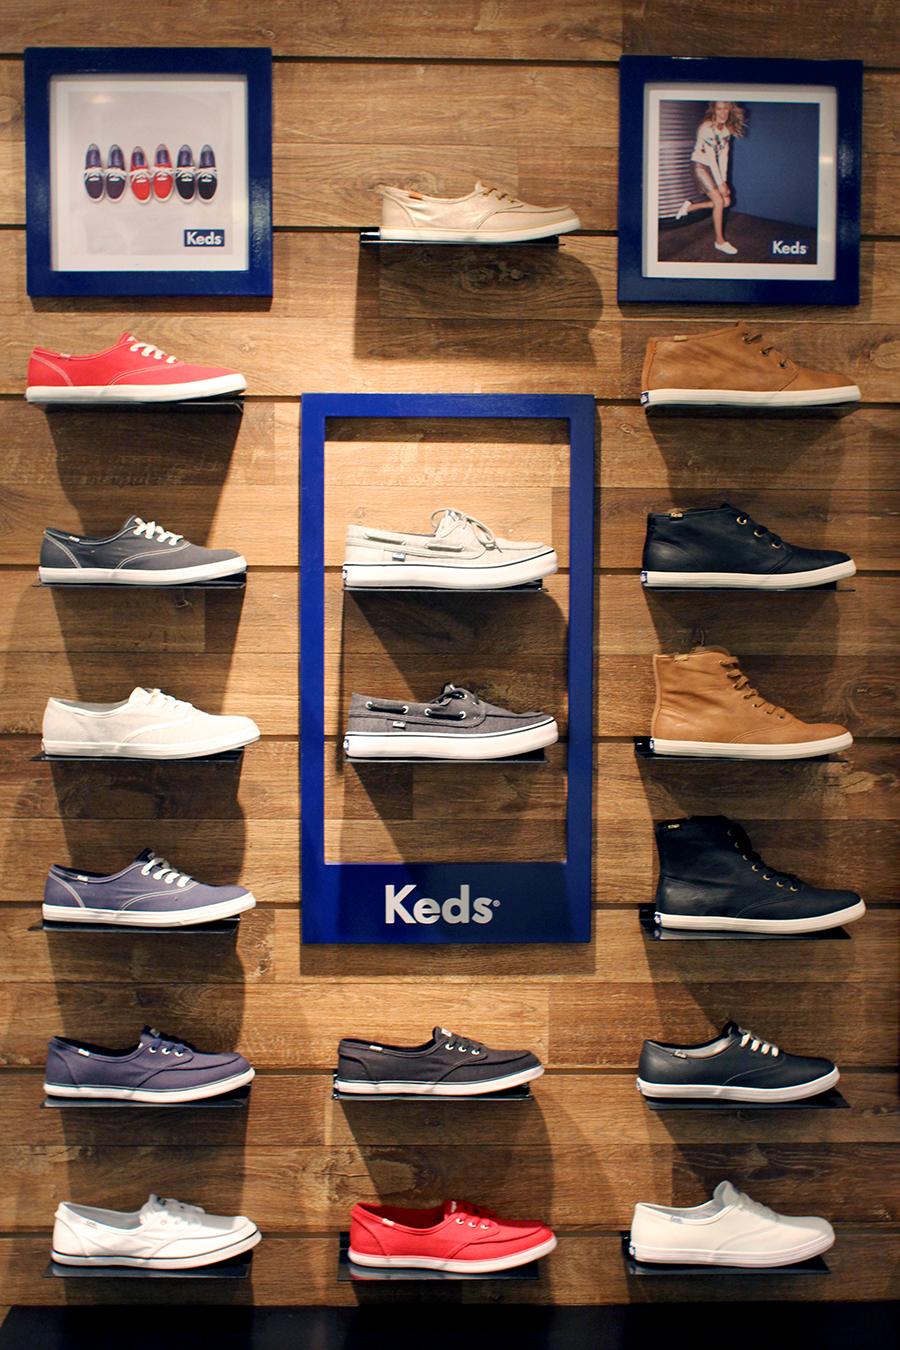 d9c8494f4 ... apostas é o tênis Keds Kickstart Perf Leather (foto abaixo), todo  branquinho e um conforto incrível, ele é muito macio e maleável. Esse  próximo modelo ...